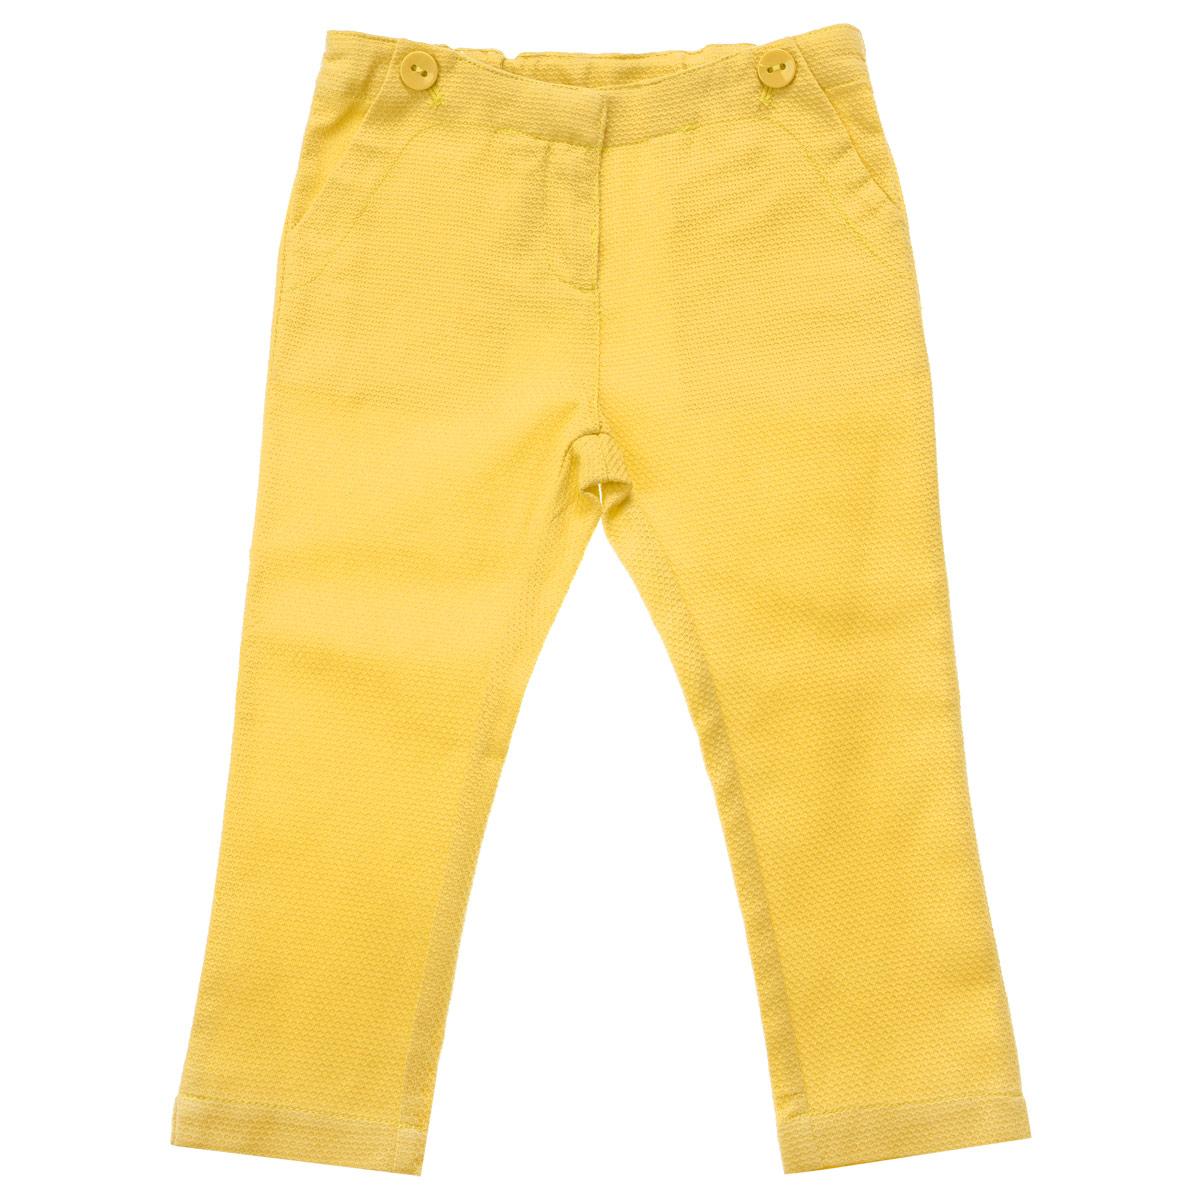 9024087Яркие укороченные брюки для девочки Chicco идеально подойдут вашей маленькой моднице для отдыха и прогулок. Изготовленные из хлопка с добавлением эластана, они мягкие и приятные на ощупь, не сковывают движения и позволяют коже дышать, не раздражают даже самую нежную и чувствительную кожу ребенка, обеспечивая наибольший комфорт. Брюки на талии застегиваются на металлический брючный крючок. Также имеется ширинка на пластиковой застежке-молнии. С внутренней стороны пояс регулируется резинкой на пуговицах. Спереди предусмотрены два втачных кармана, декорированные пуговицами. Низ брючин по бокам имеет небольшие разрезы. Современный дизайн и модная расцветка делают эти брюки стильным предметом детского гардероба. В них ваша принцесса всегда будет в центре внимания!